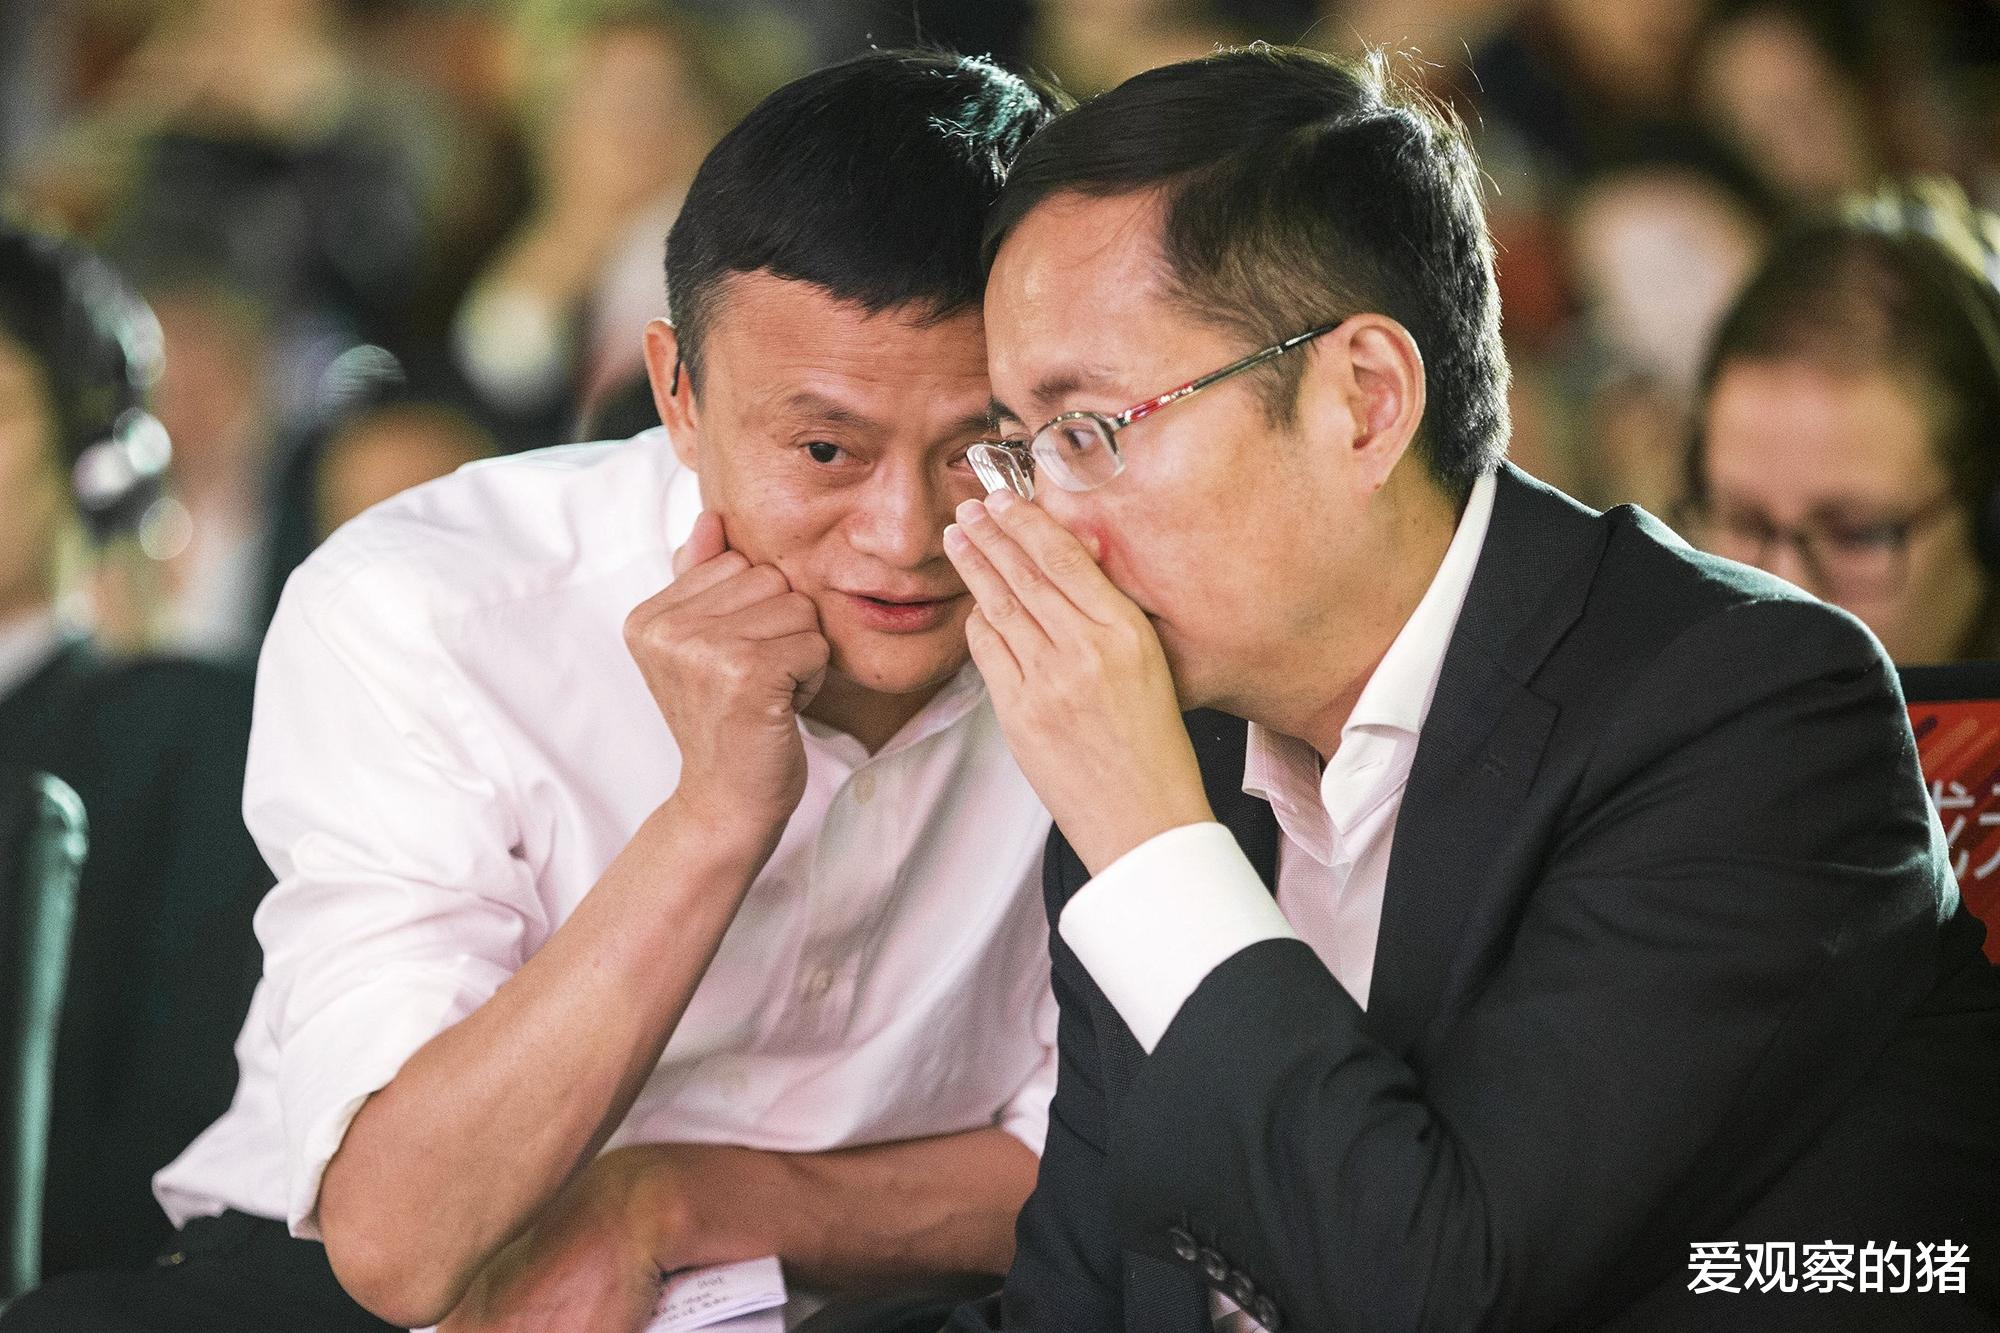 马云、刘强东,为何退休这么早?实在很无法